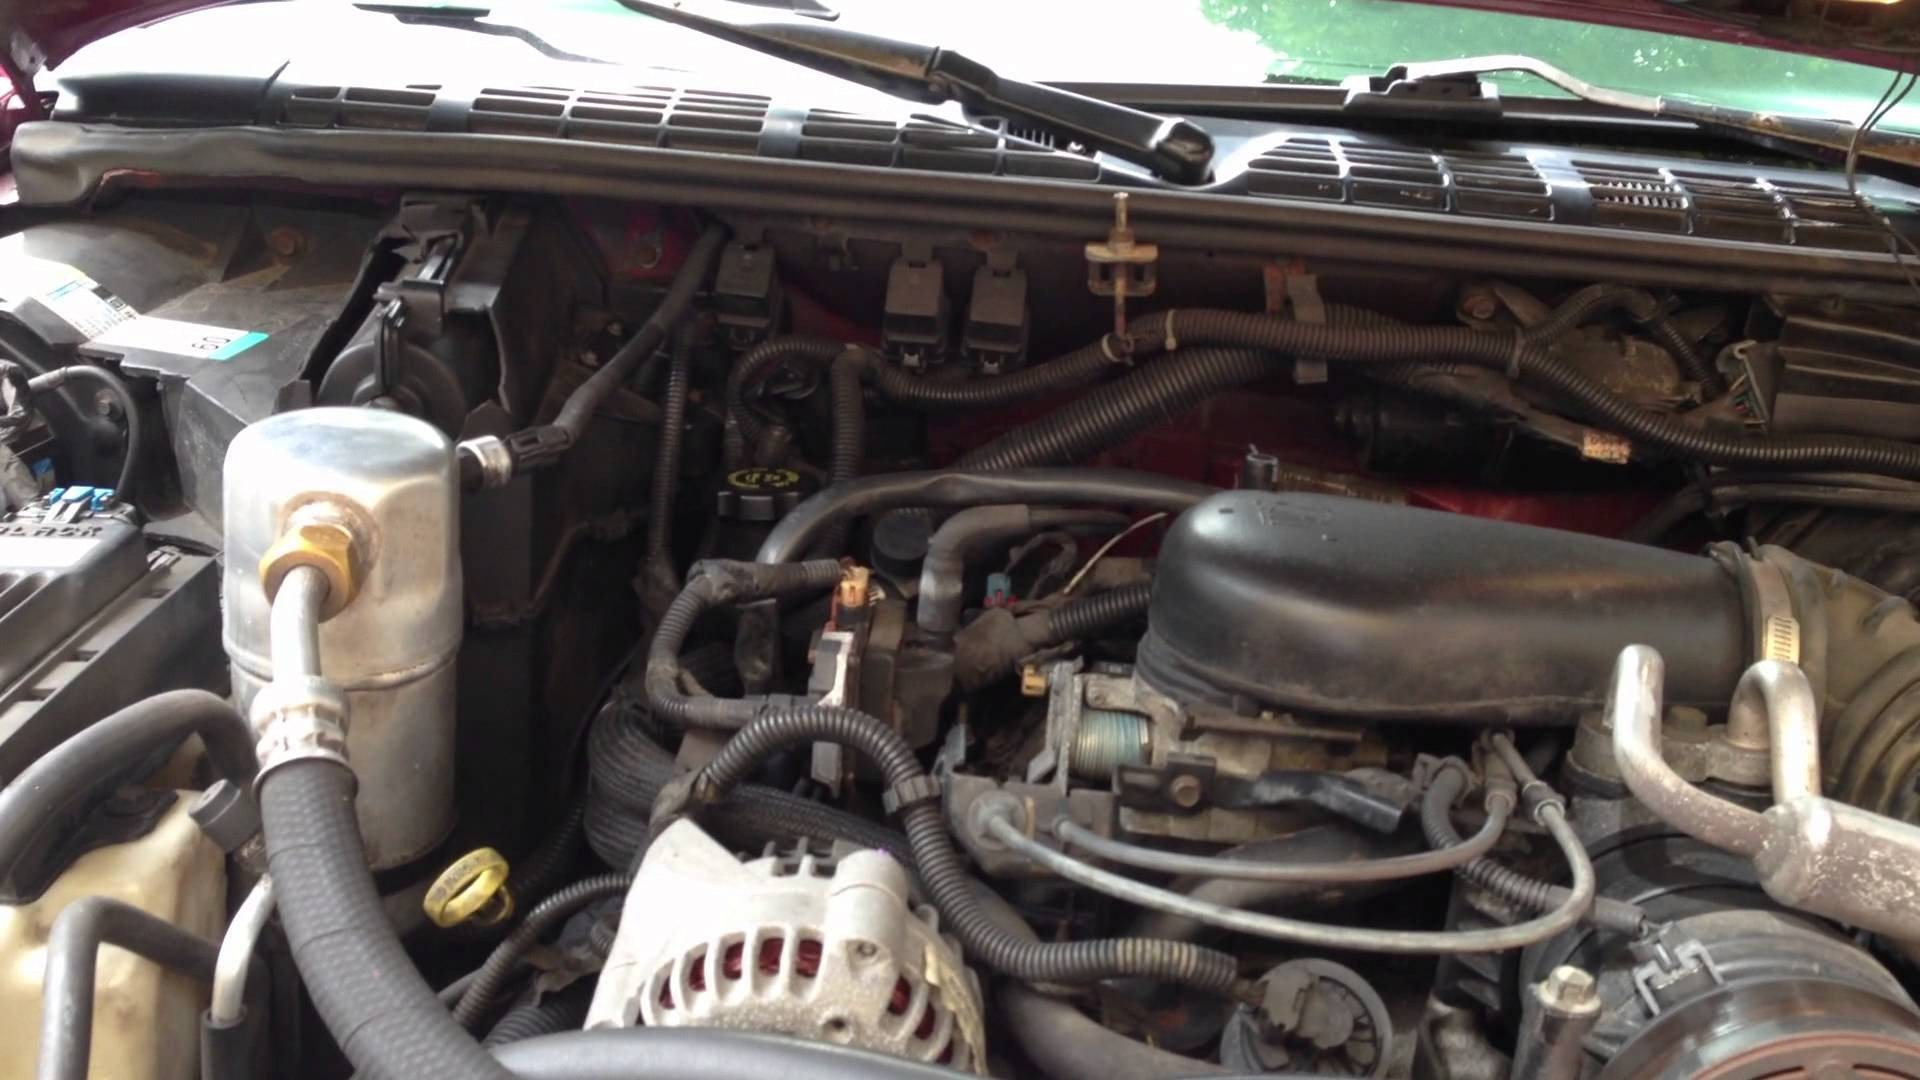 2000 Chevy Blazer Engine Diagram 1997 Chevy Blazer Fuel Gauge issue Fuel Gauge Buffer Module Of 2000 Chevy Blazer Engine Diagram